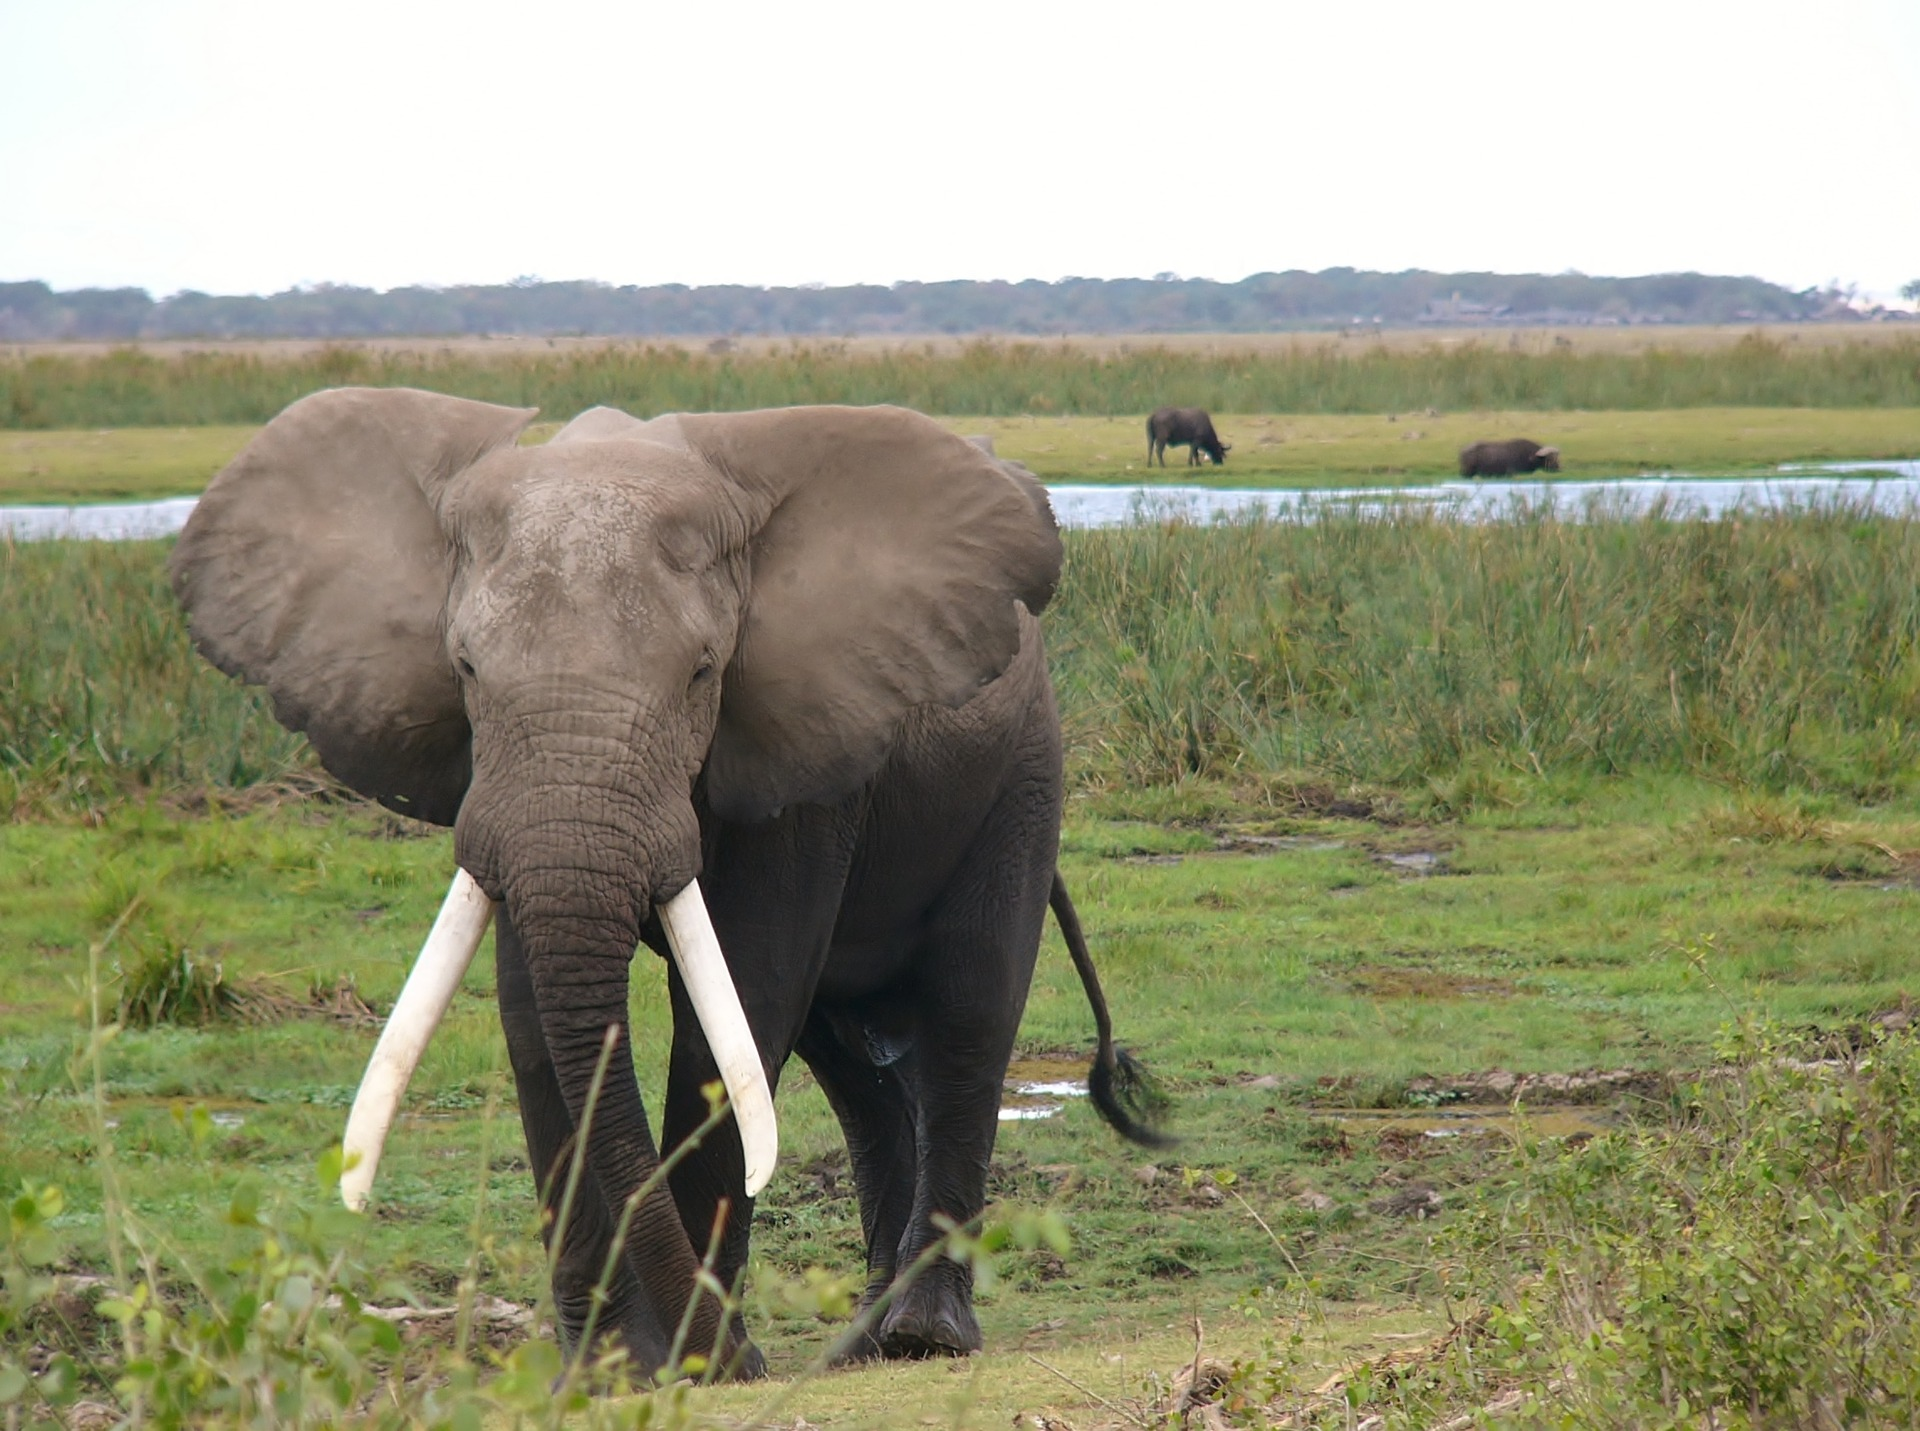 Elefant in Kenia Afrika gewildert